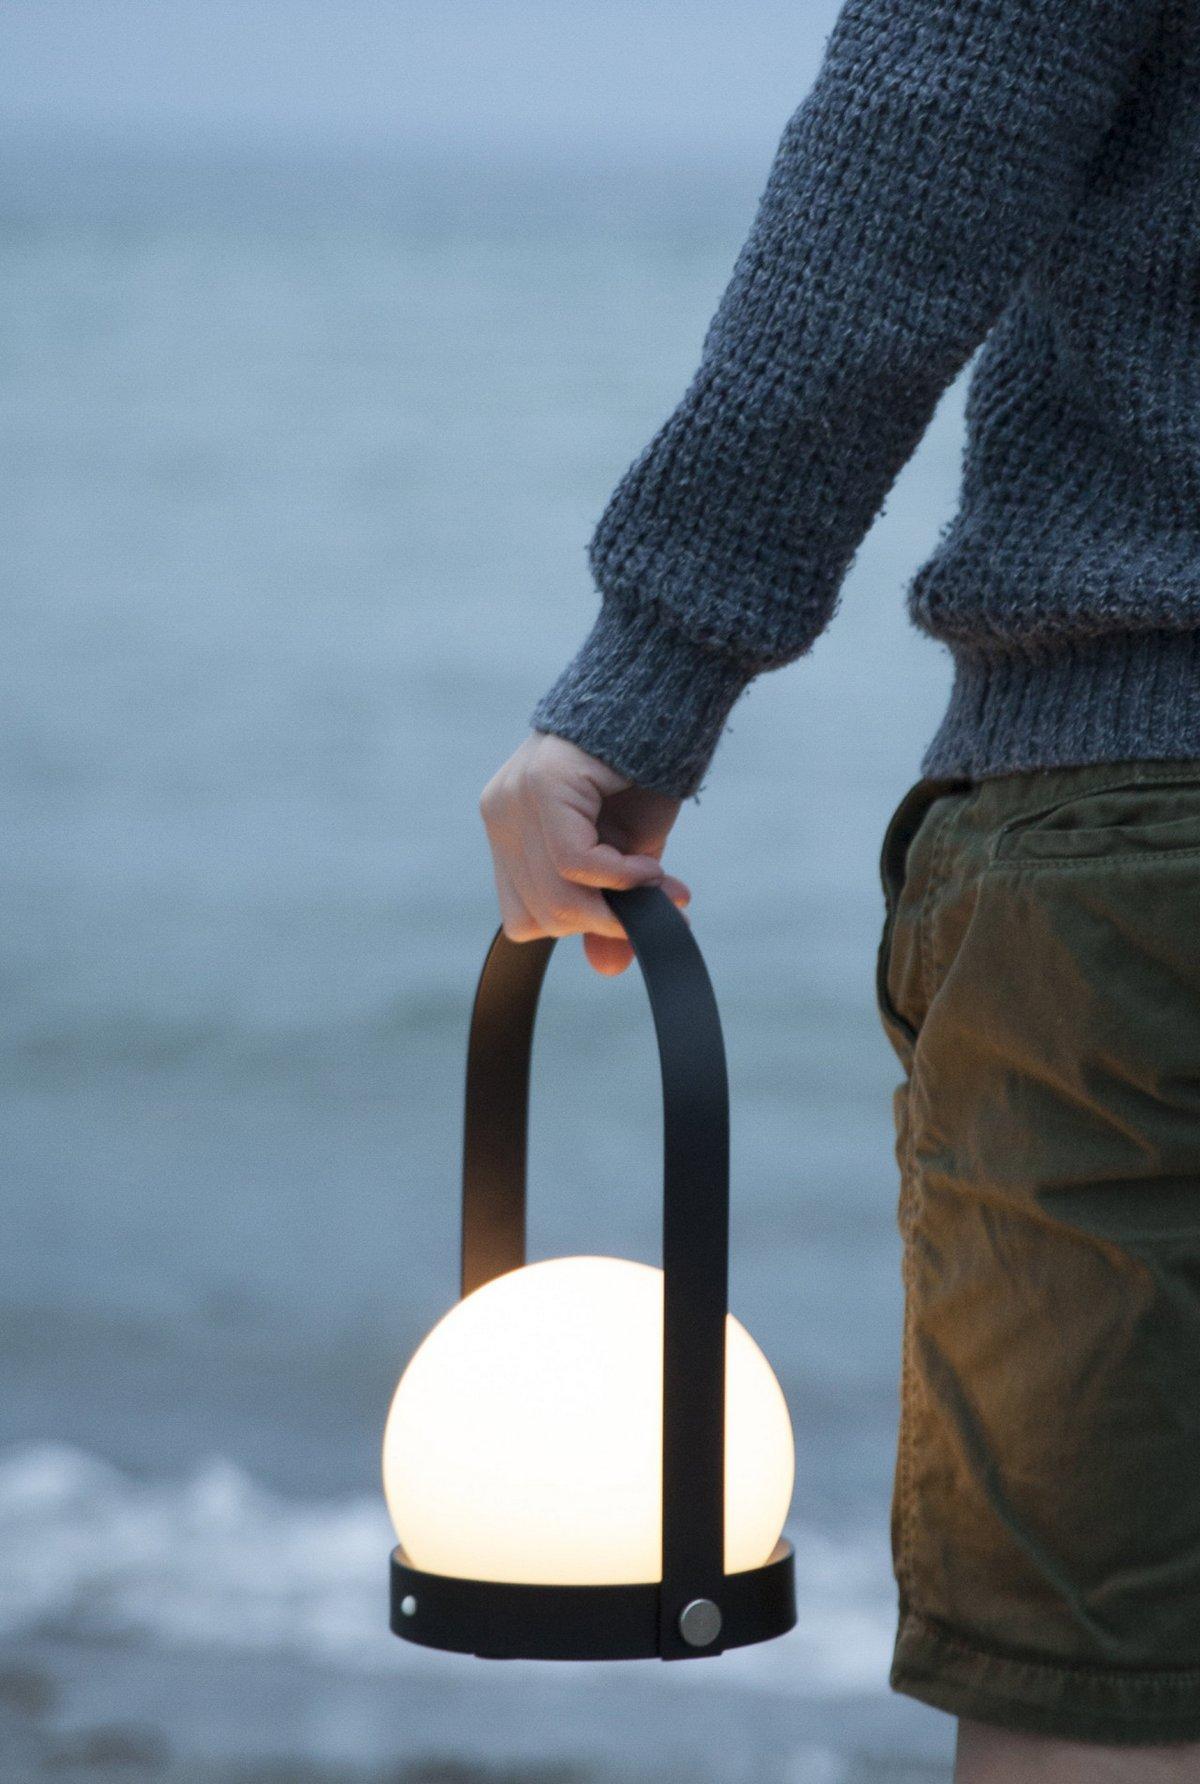 Портативный фонарь с ручкой для переноски